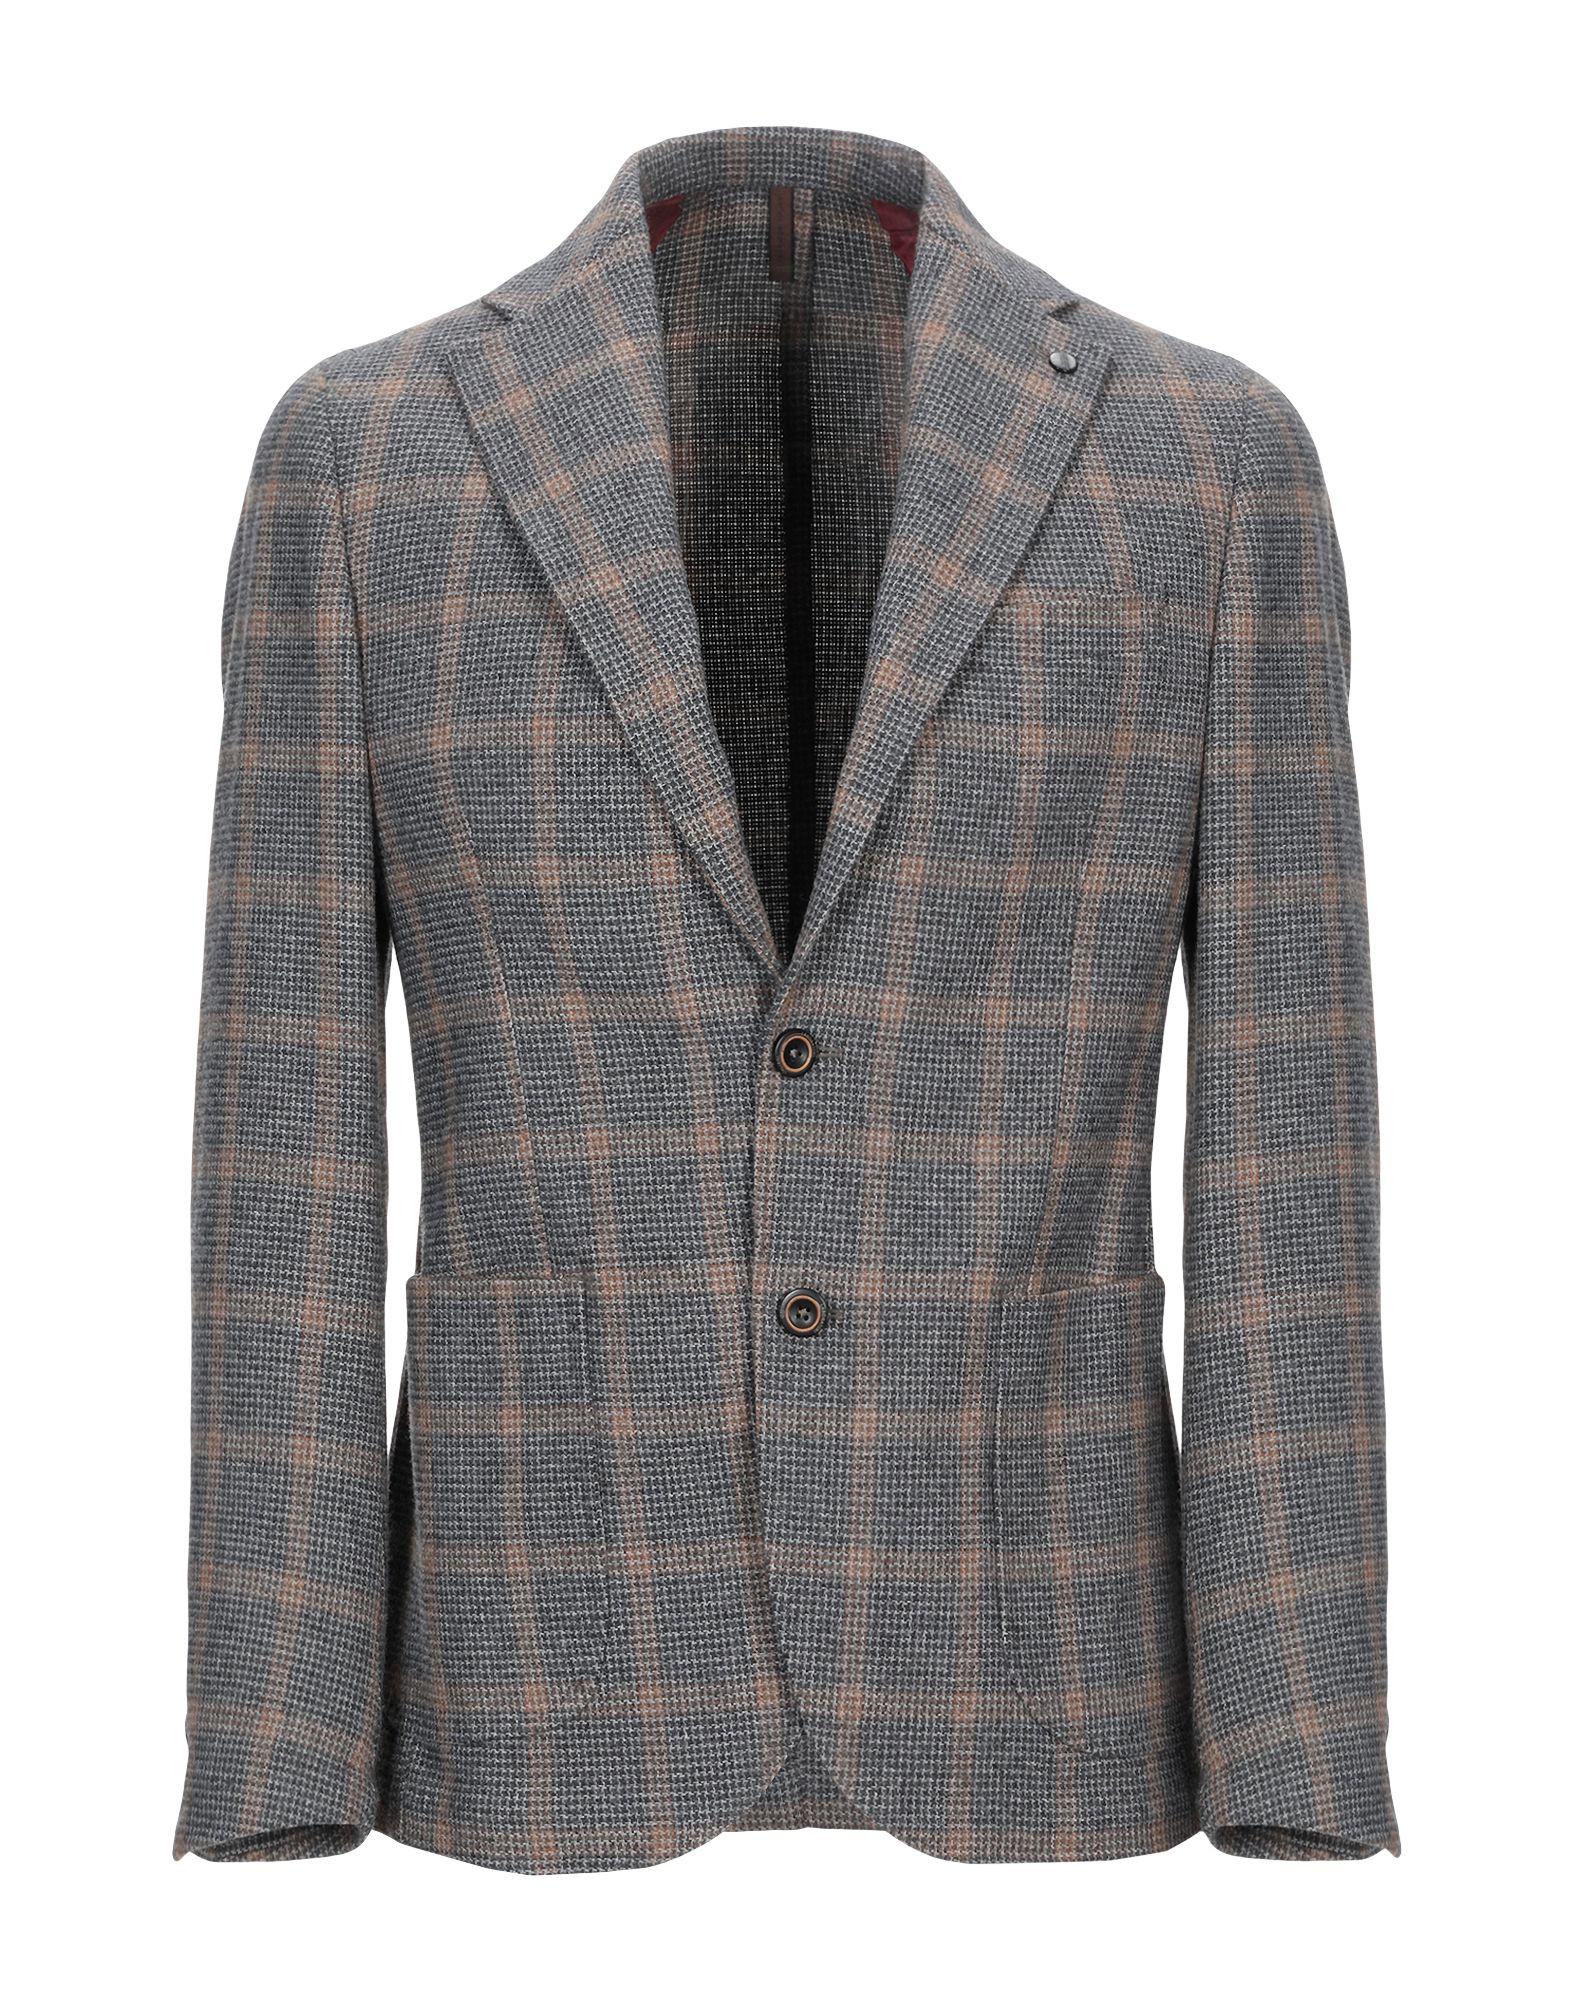 《期間限定セール中》LABORATORI ITALIANI メンズ テーラードジャケット グレー 48 ウール 40% / コットン 30% / ポリアクリル 14% / ポリエステル 11% / 指定外繊維 5%